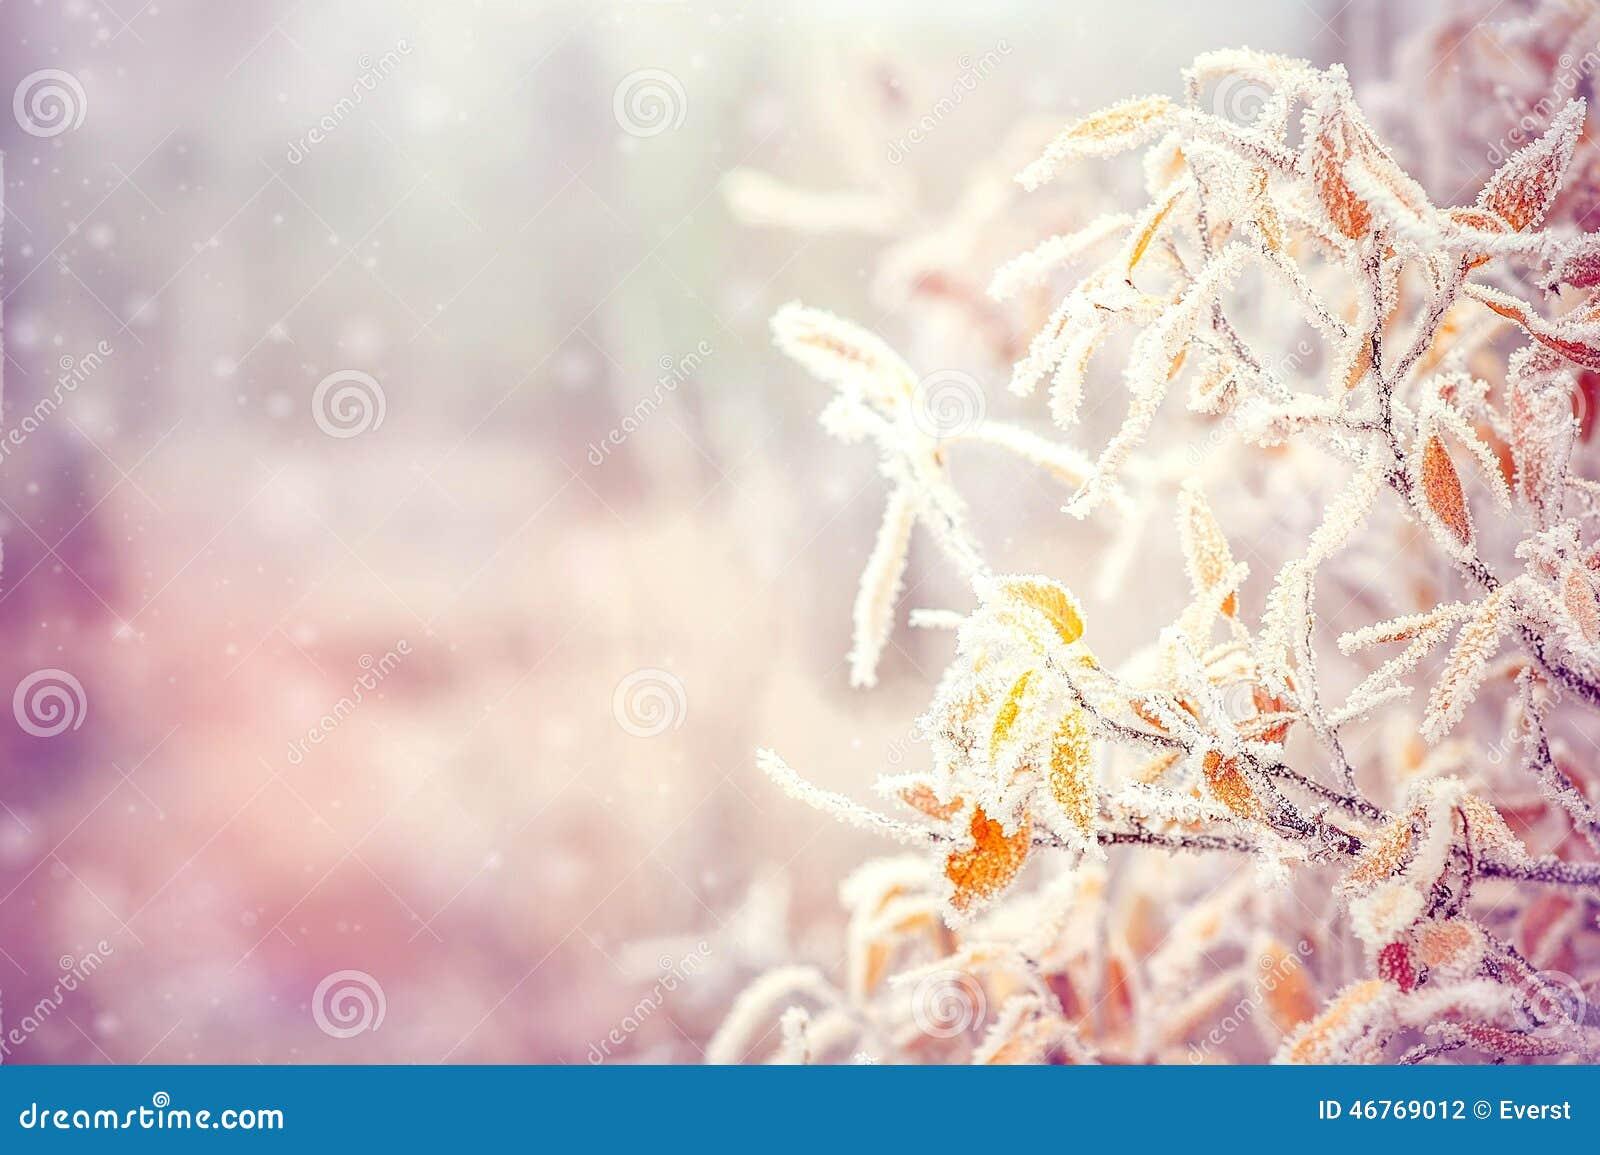 El fondo del invierno con nieve ramifica las hojas del árbol